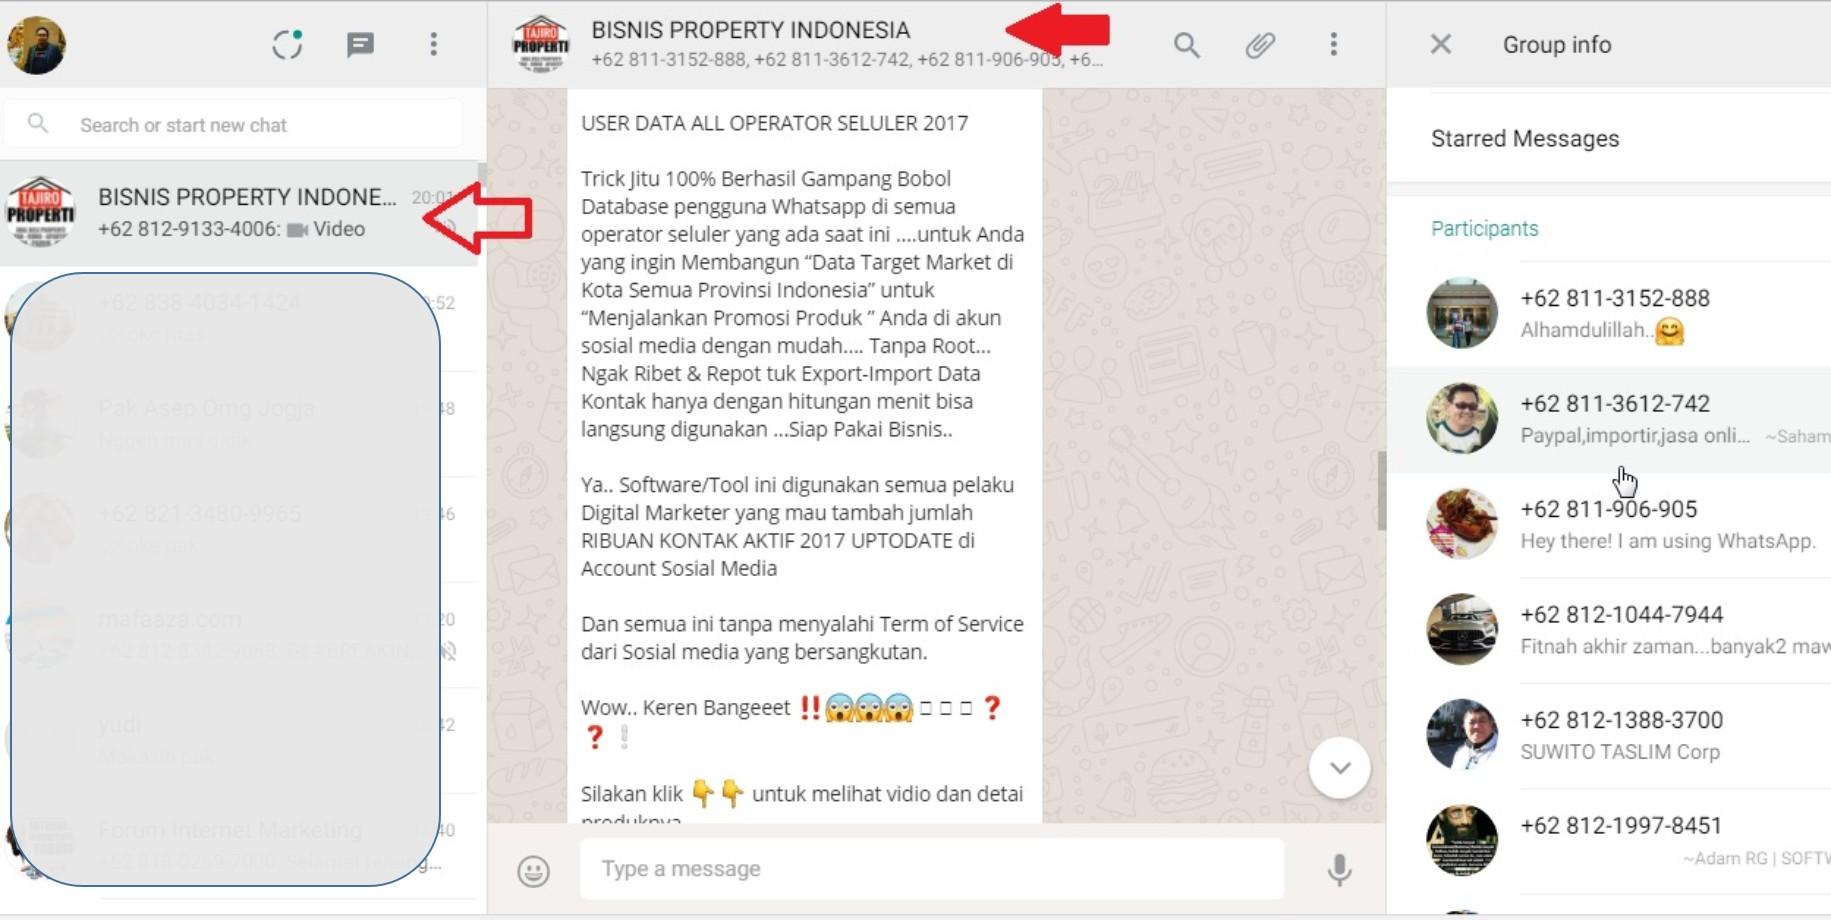 Cara Scrape Whatsapp Tanpa Imacros Cukup Menggunakan Notepad